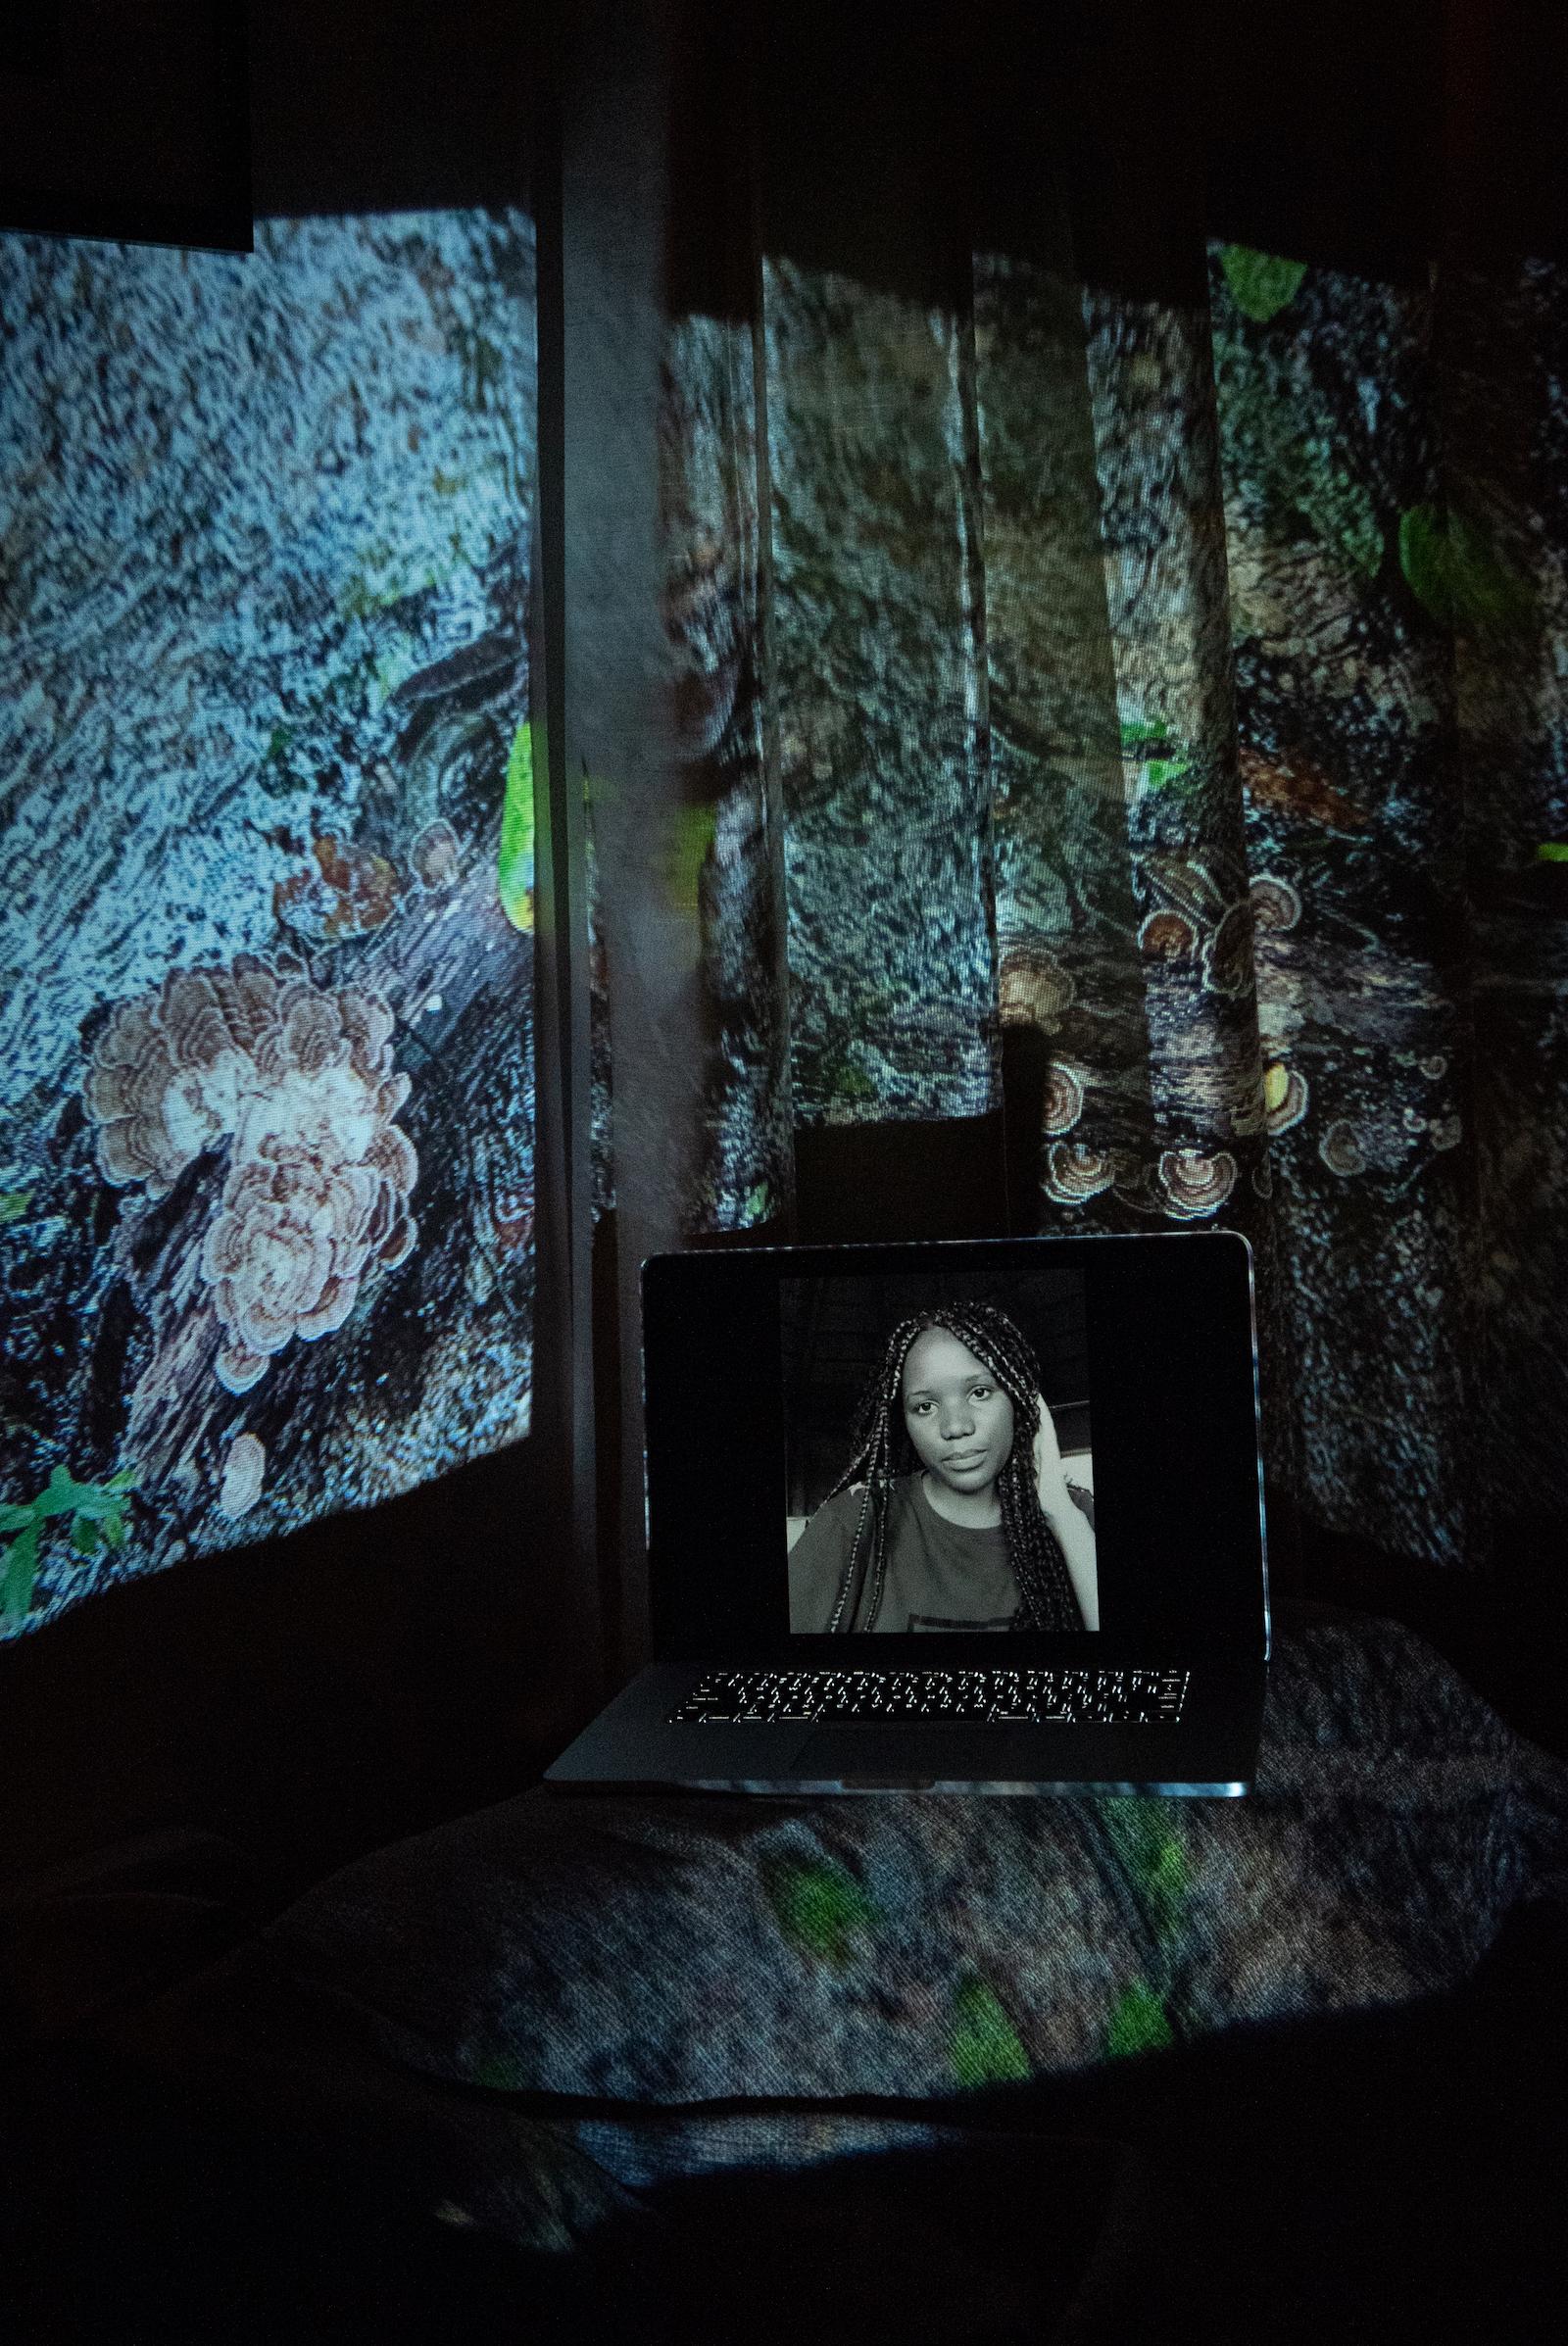 Veronica Mulenga, Youth Climate Save Zambia Organizer. Projected Image: En en el Arroyo, Lacandon Jungle, Mexico, December 2020.